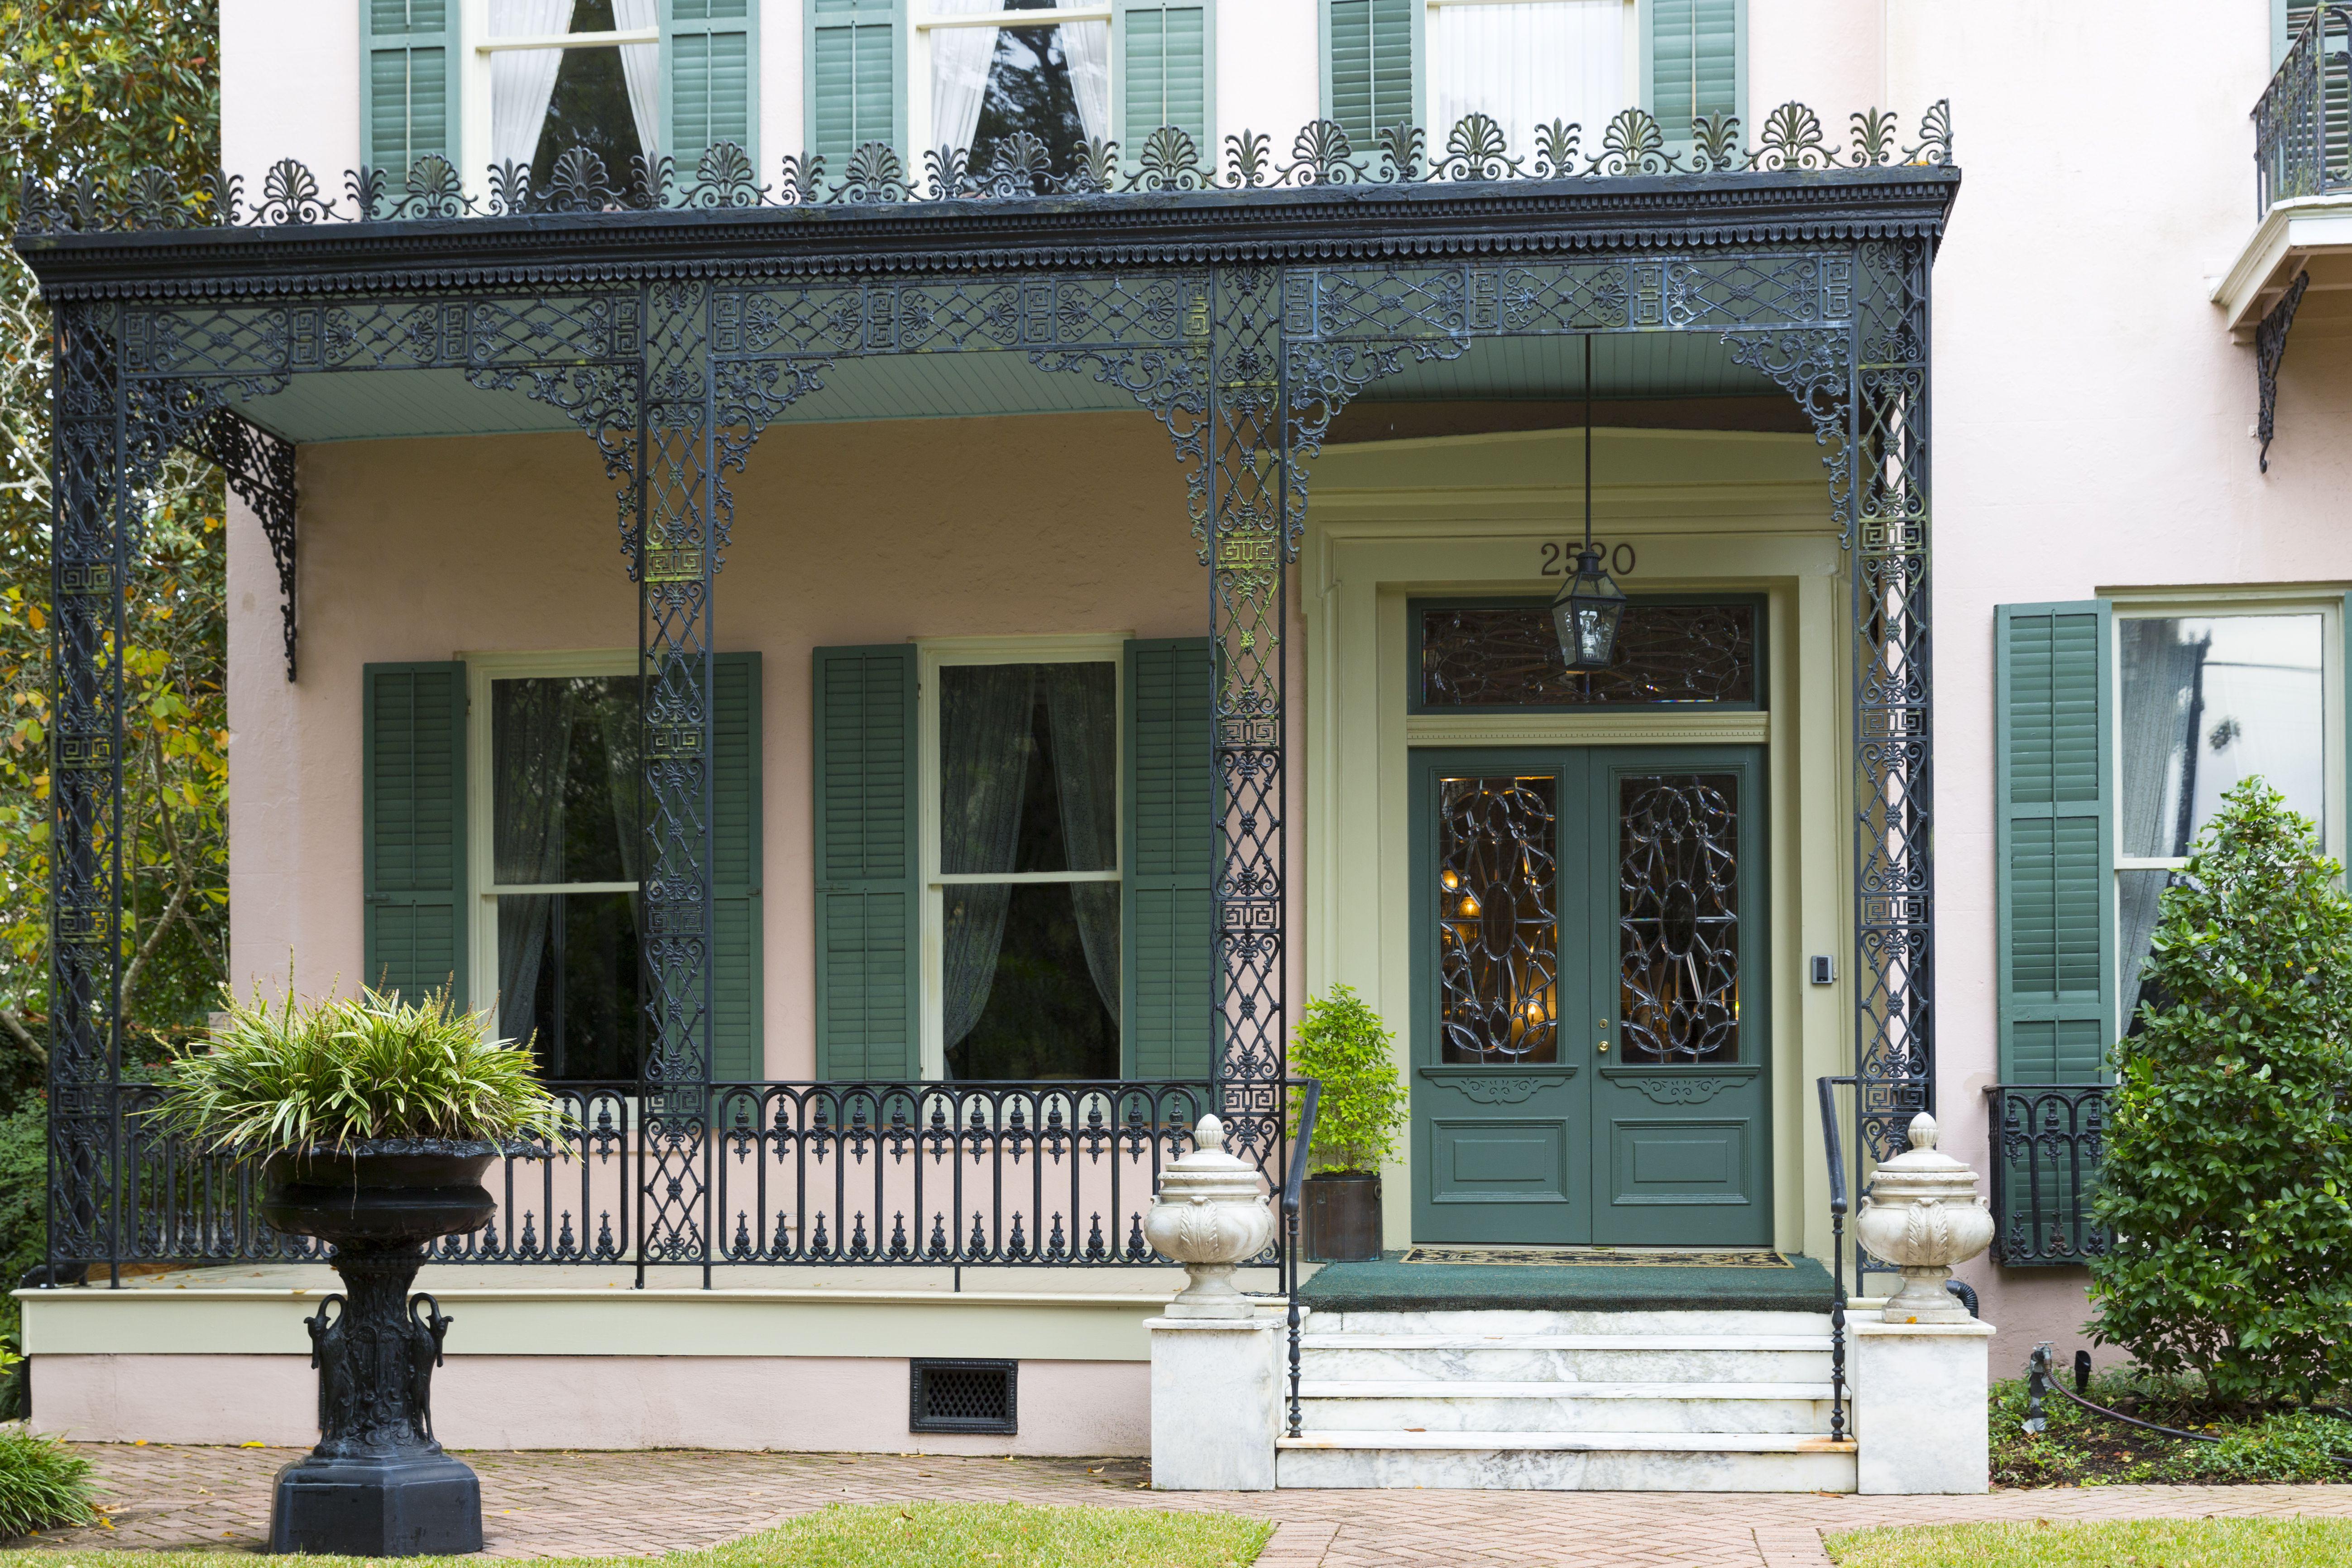 vue détaillée de façade, se concentrer sur le premier étage porche en fer forgé détaillé